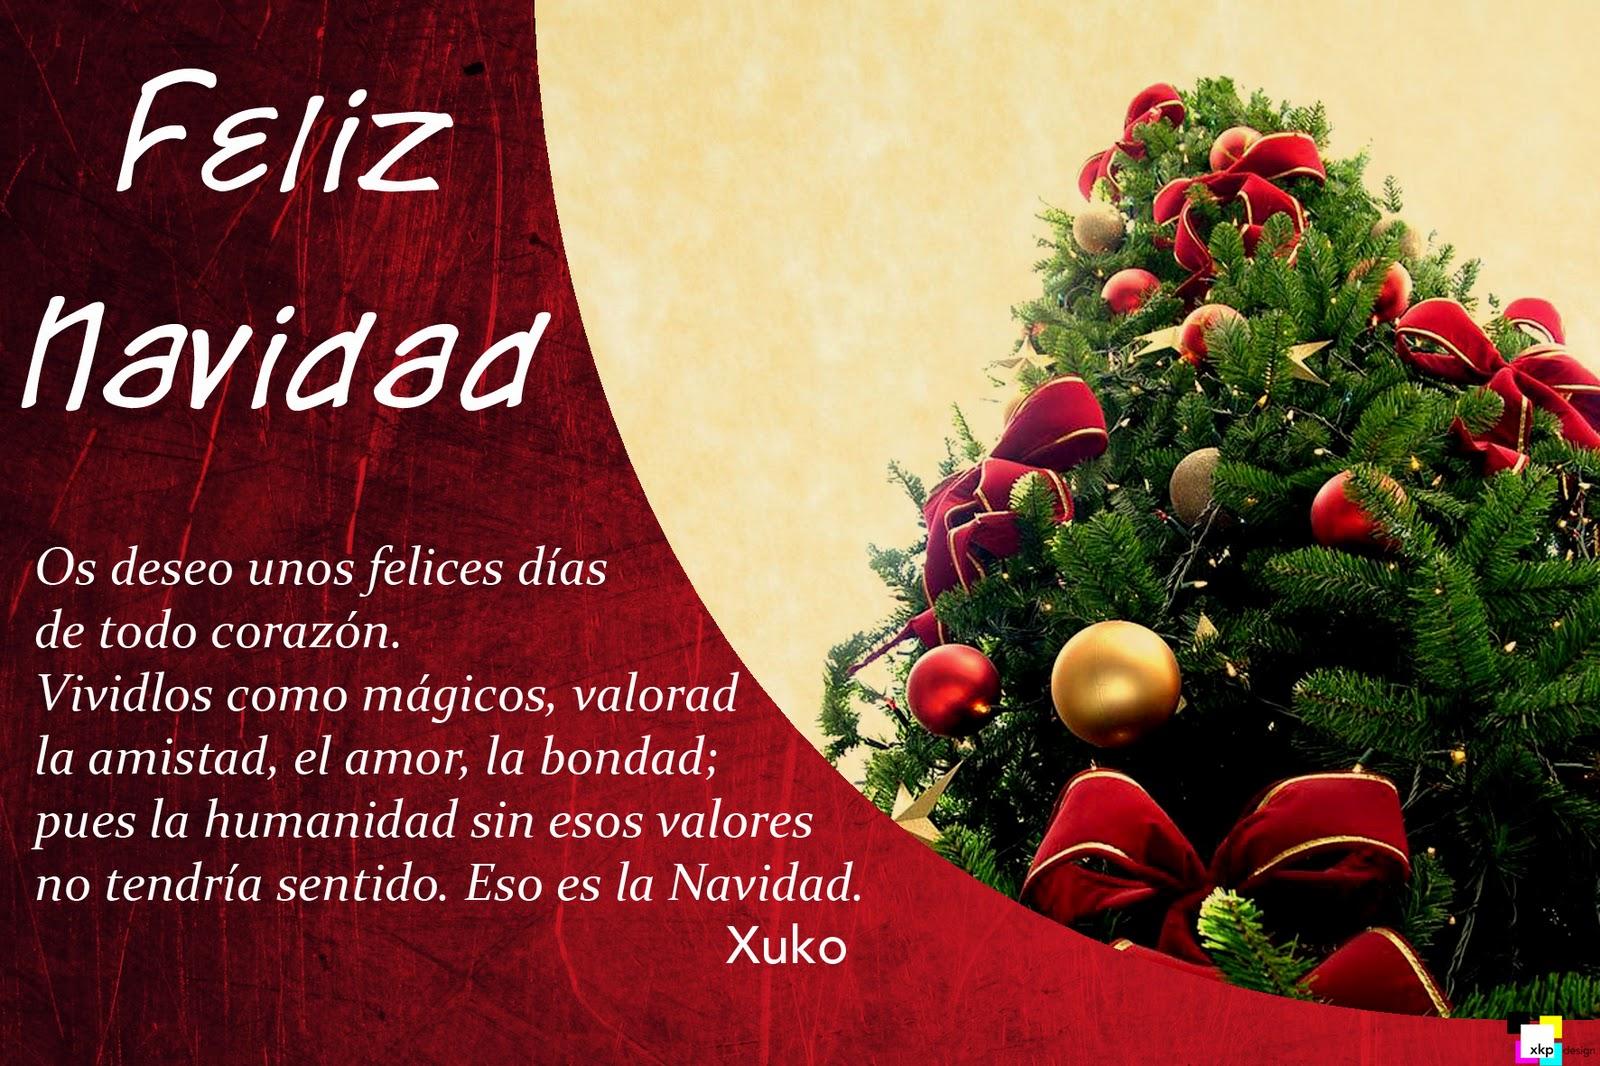 Imagenes De Tarjetas Navidad Para Imprimir